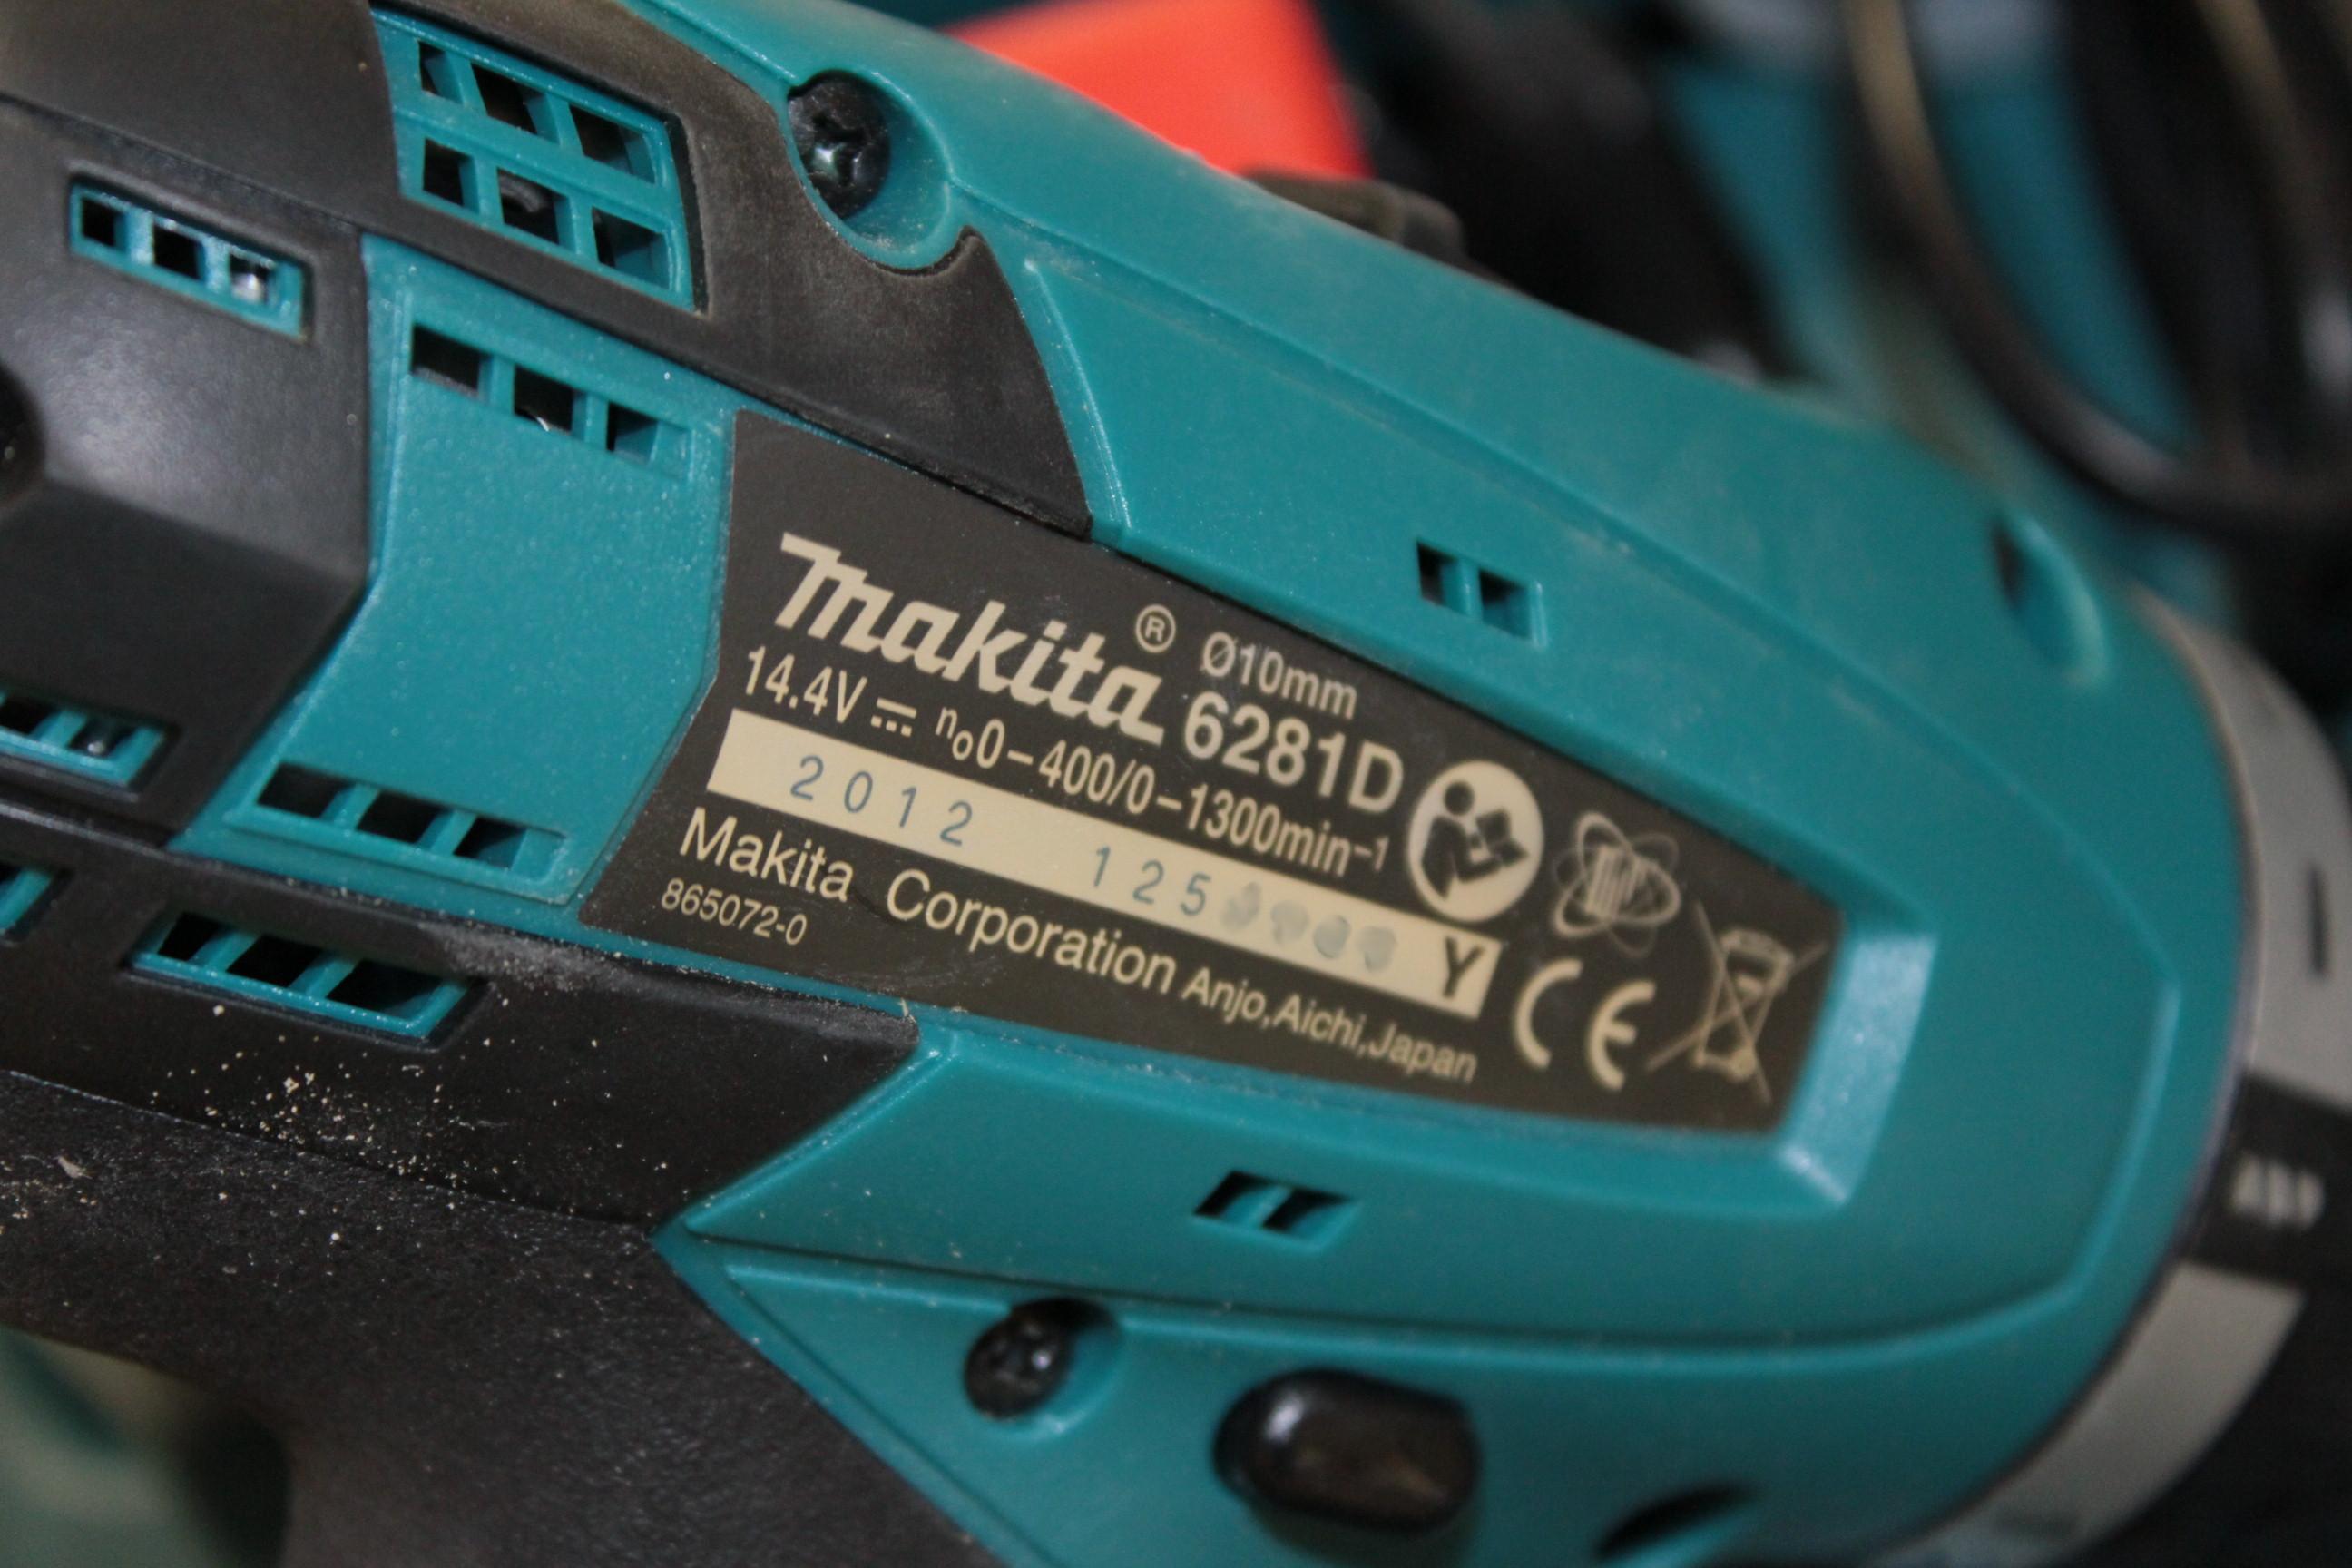 Visseuse makita 6281d sans batterie